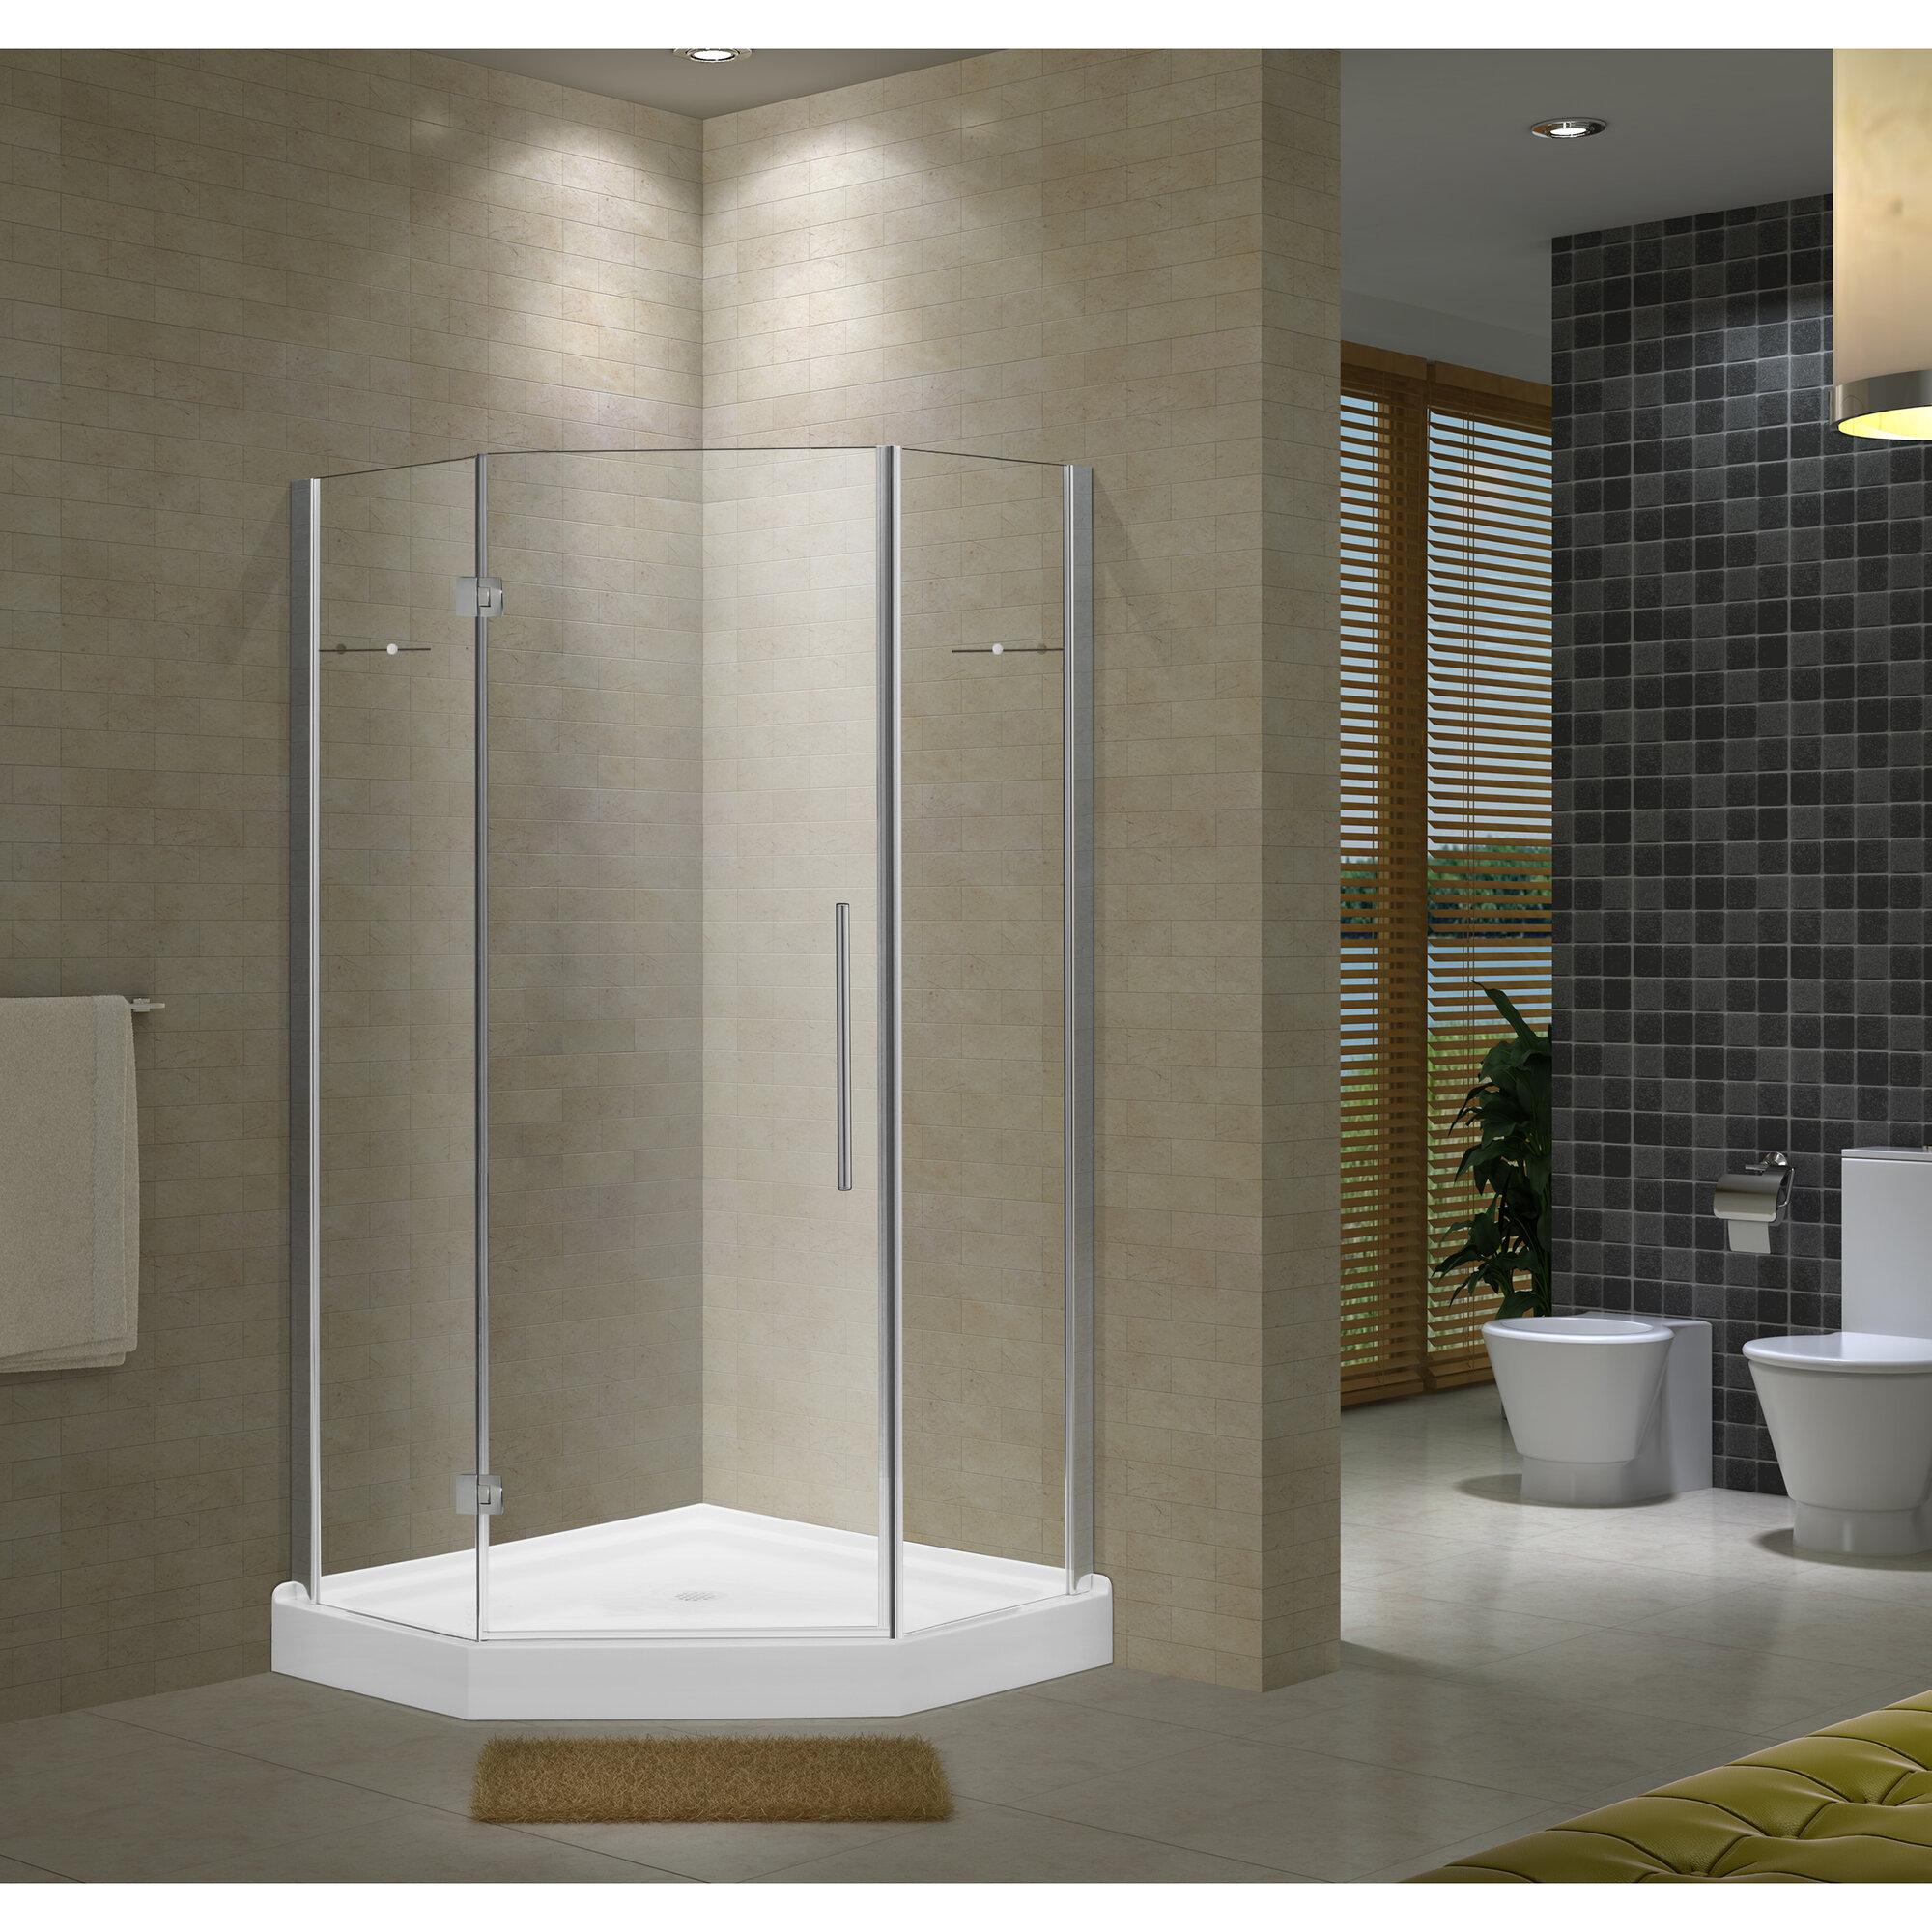 Details About Jade Bath Nova 40 X 79 Pivot Frameless Shower Door